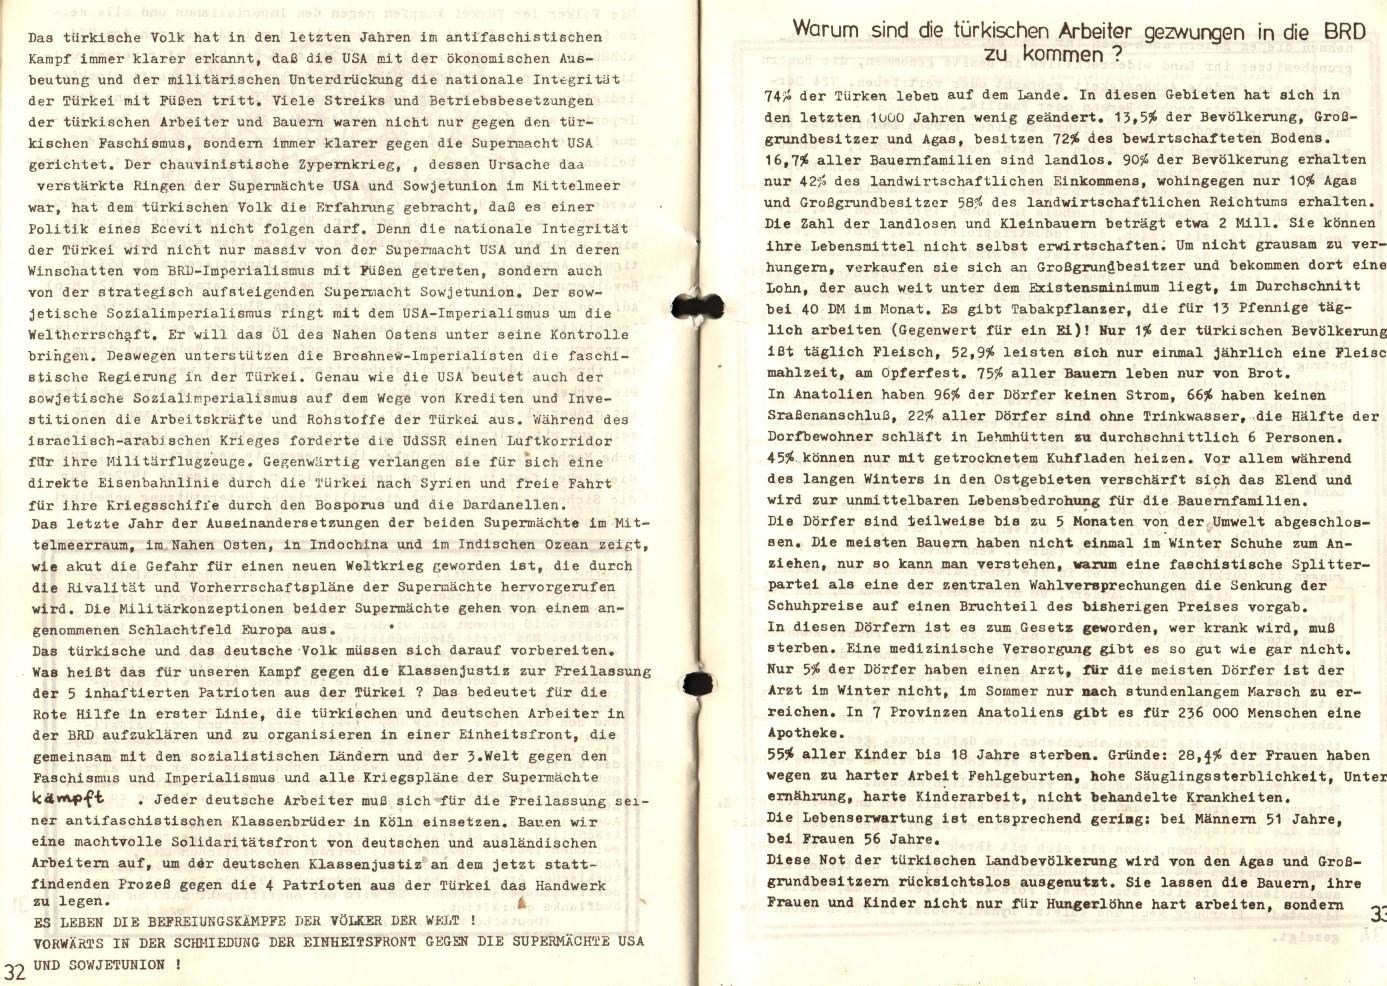 NRW_Rote_Hilfe_1975_Sofortige_Freilassung_der_tuerkischen_Patrioten_18